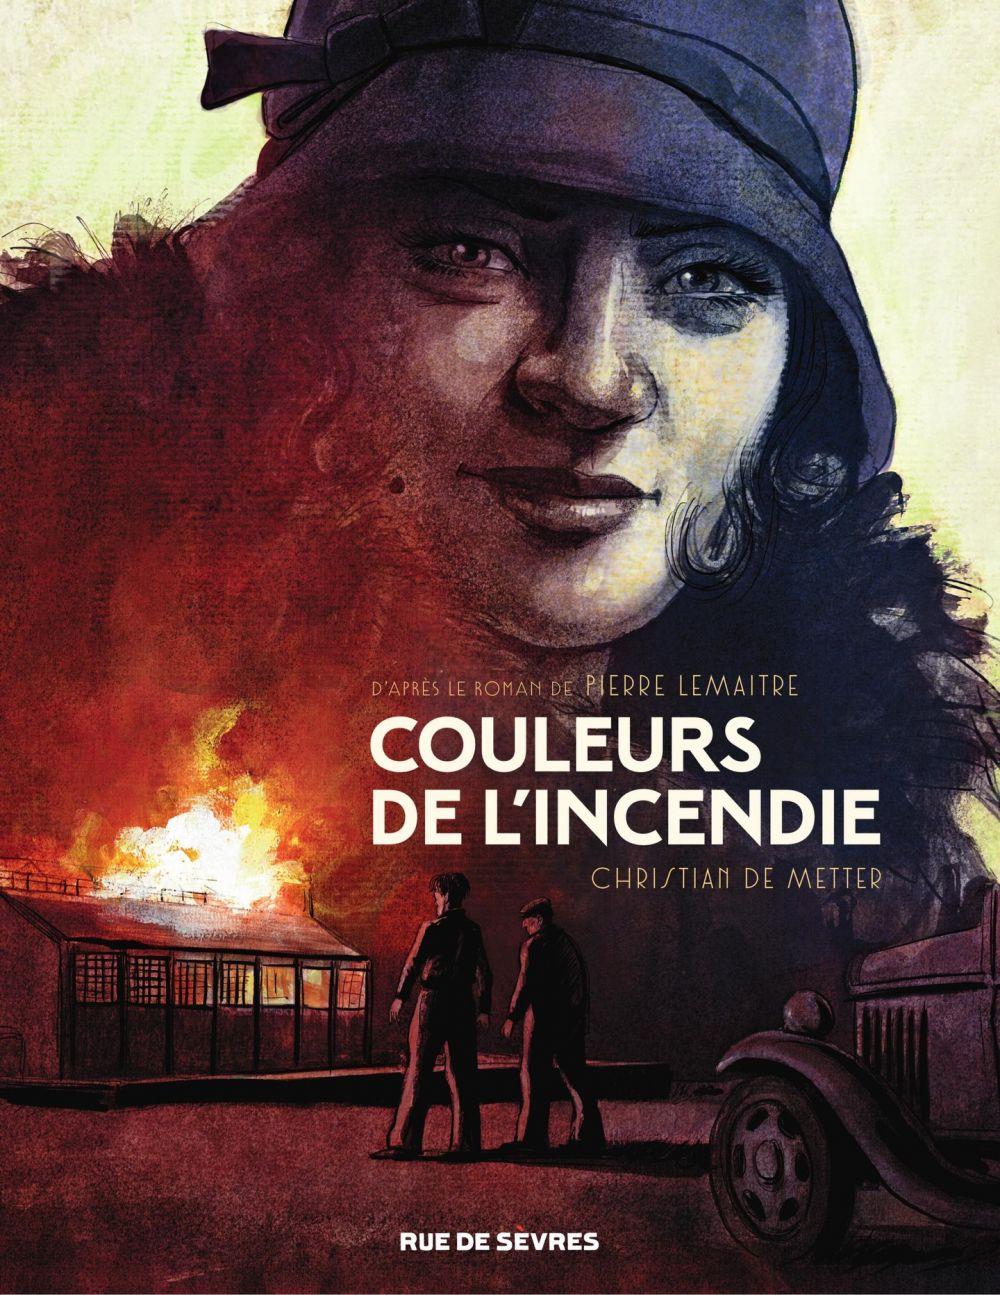 Couleurs de l'incendie | Lemaitre, Pierre (1951-....). Auteur